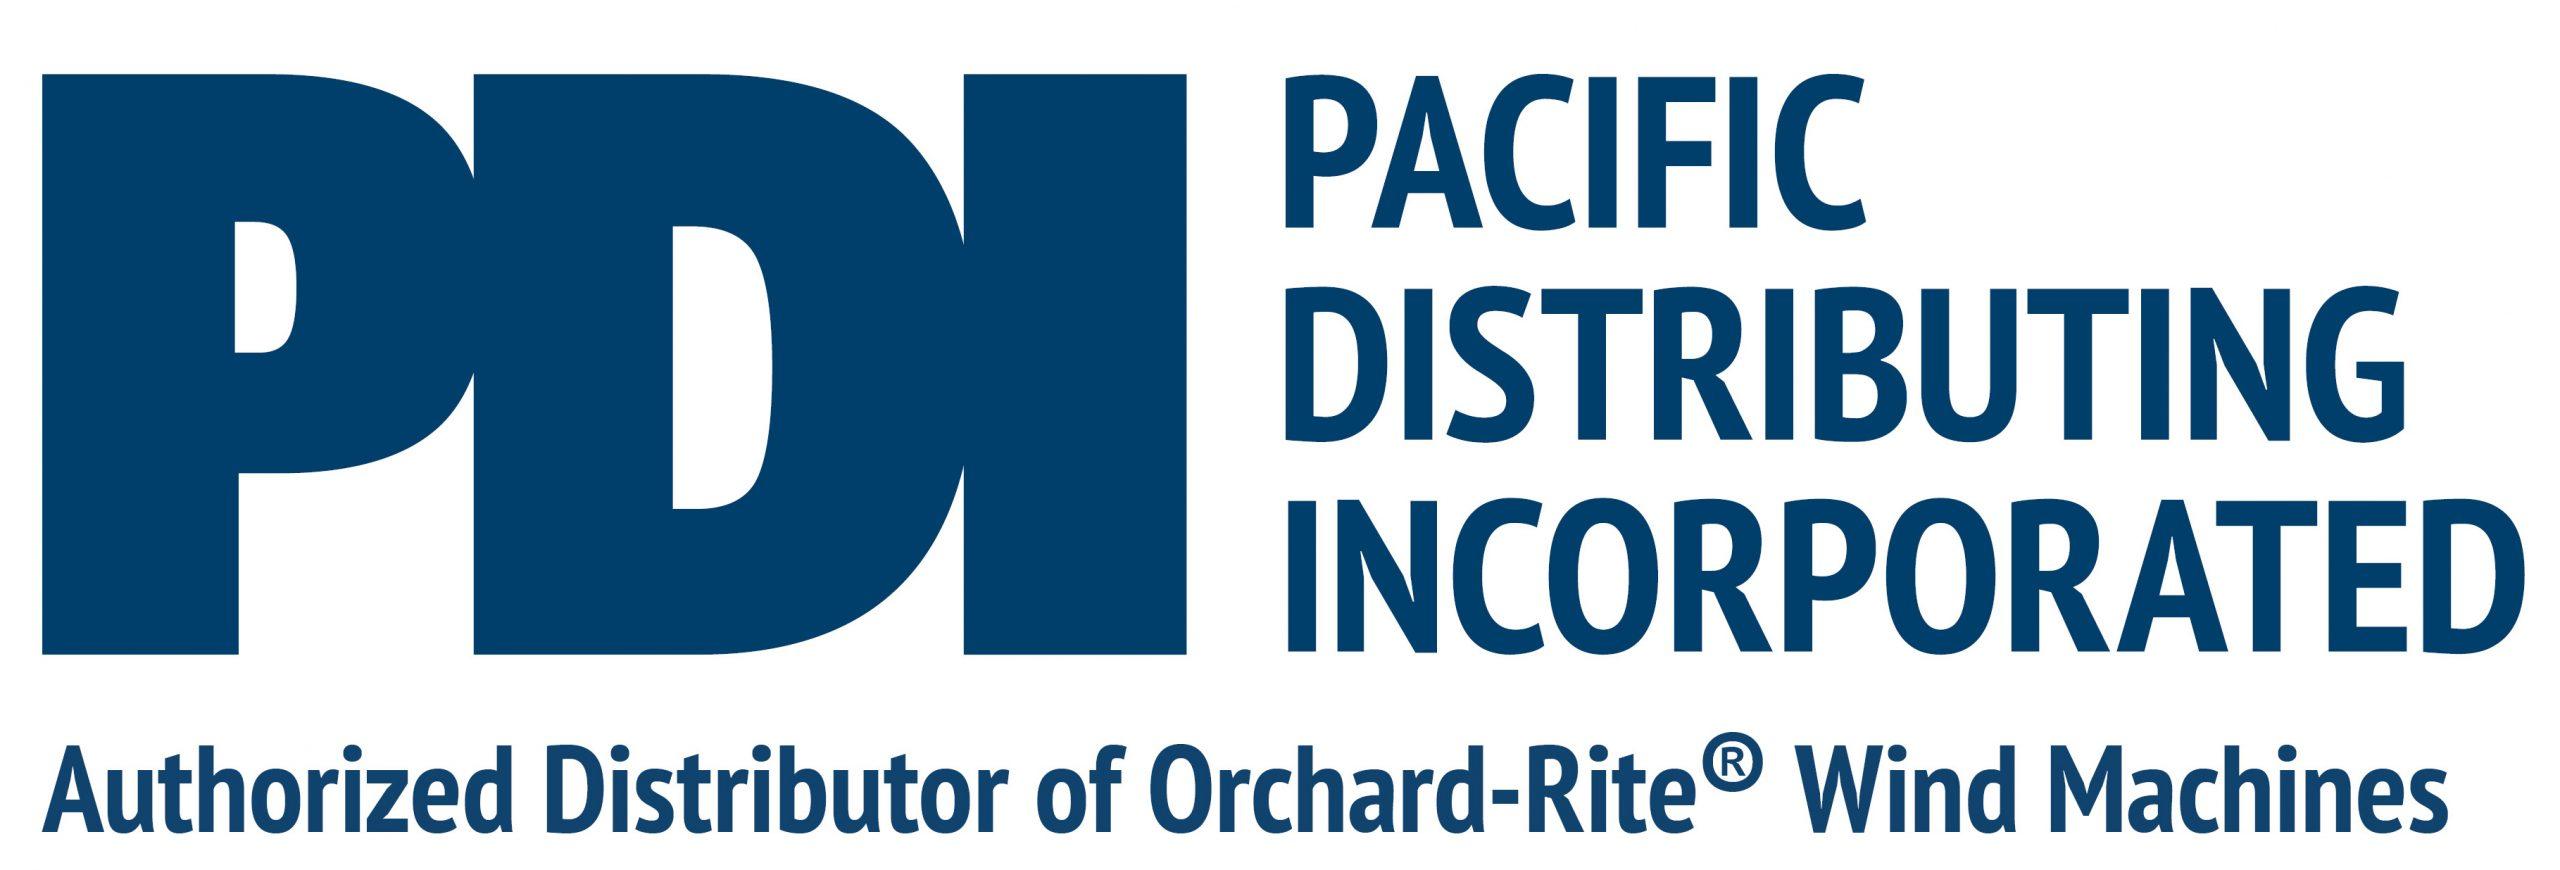 pdi-logos-with-wind-tag